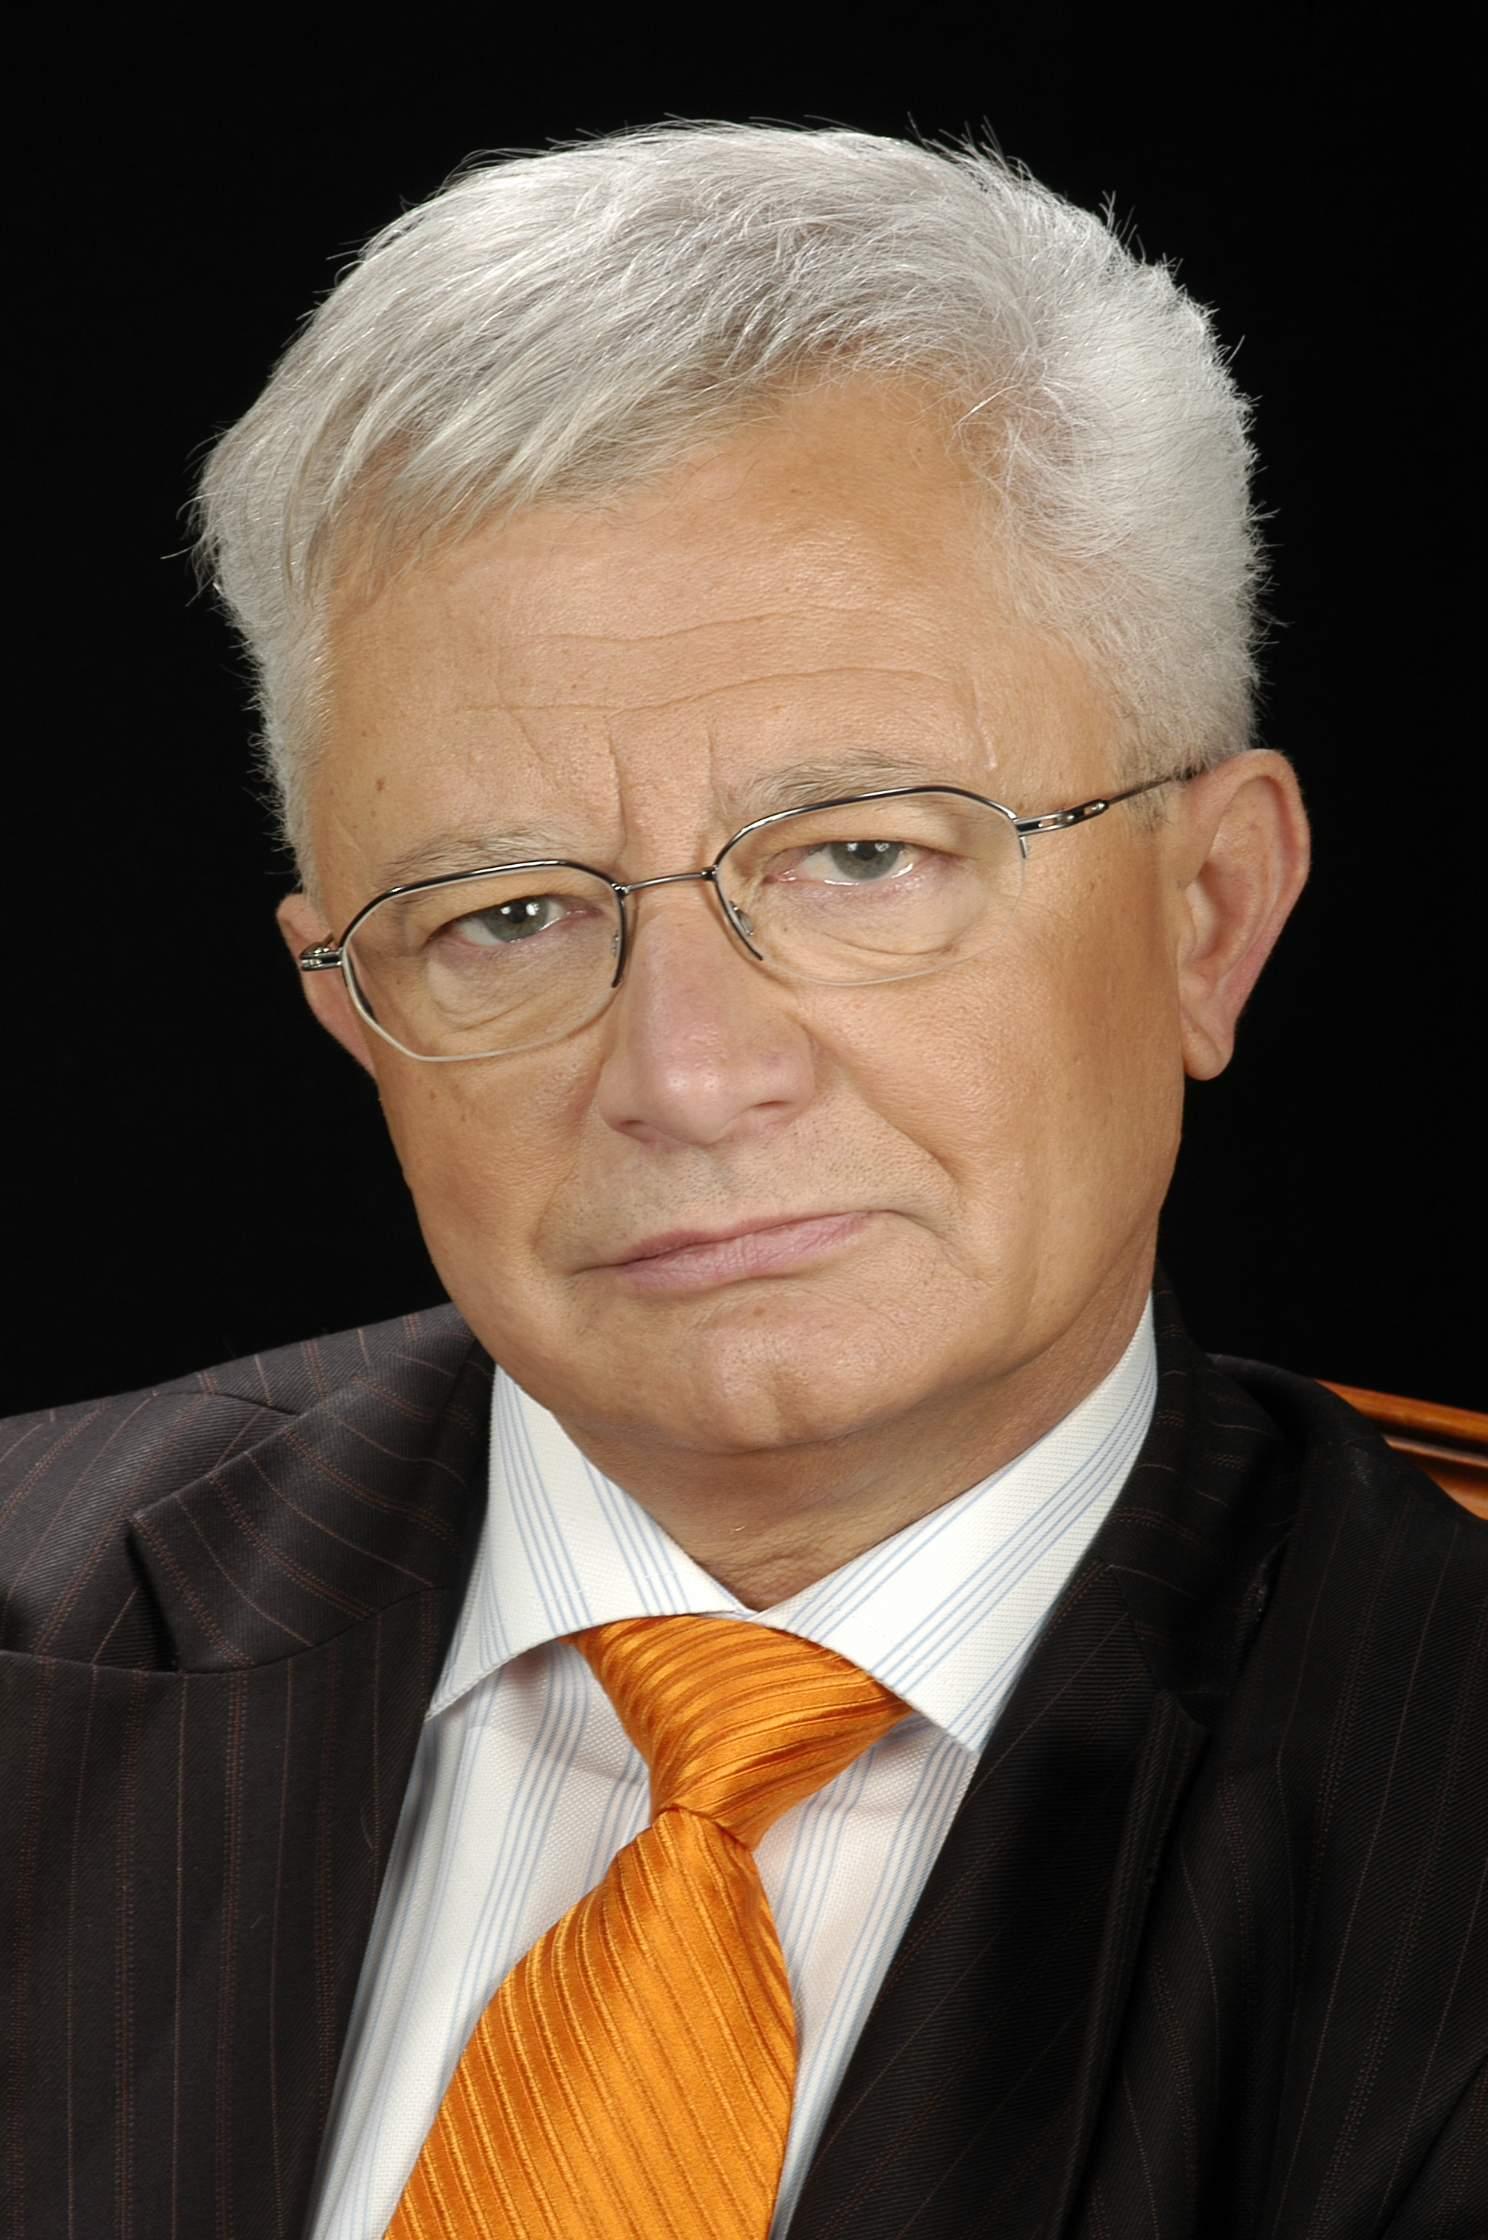 DR. SALVADOR JOSA BULLICH